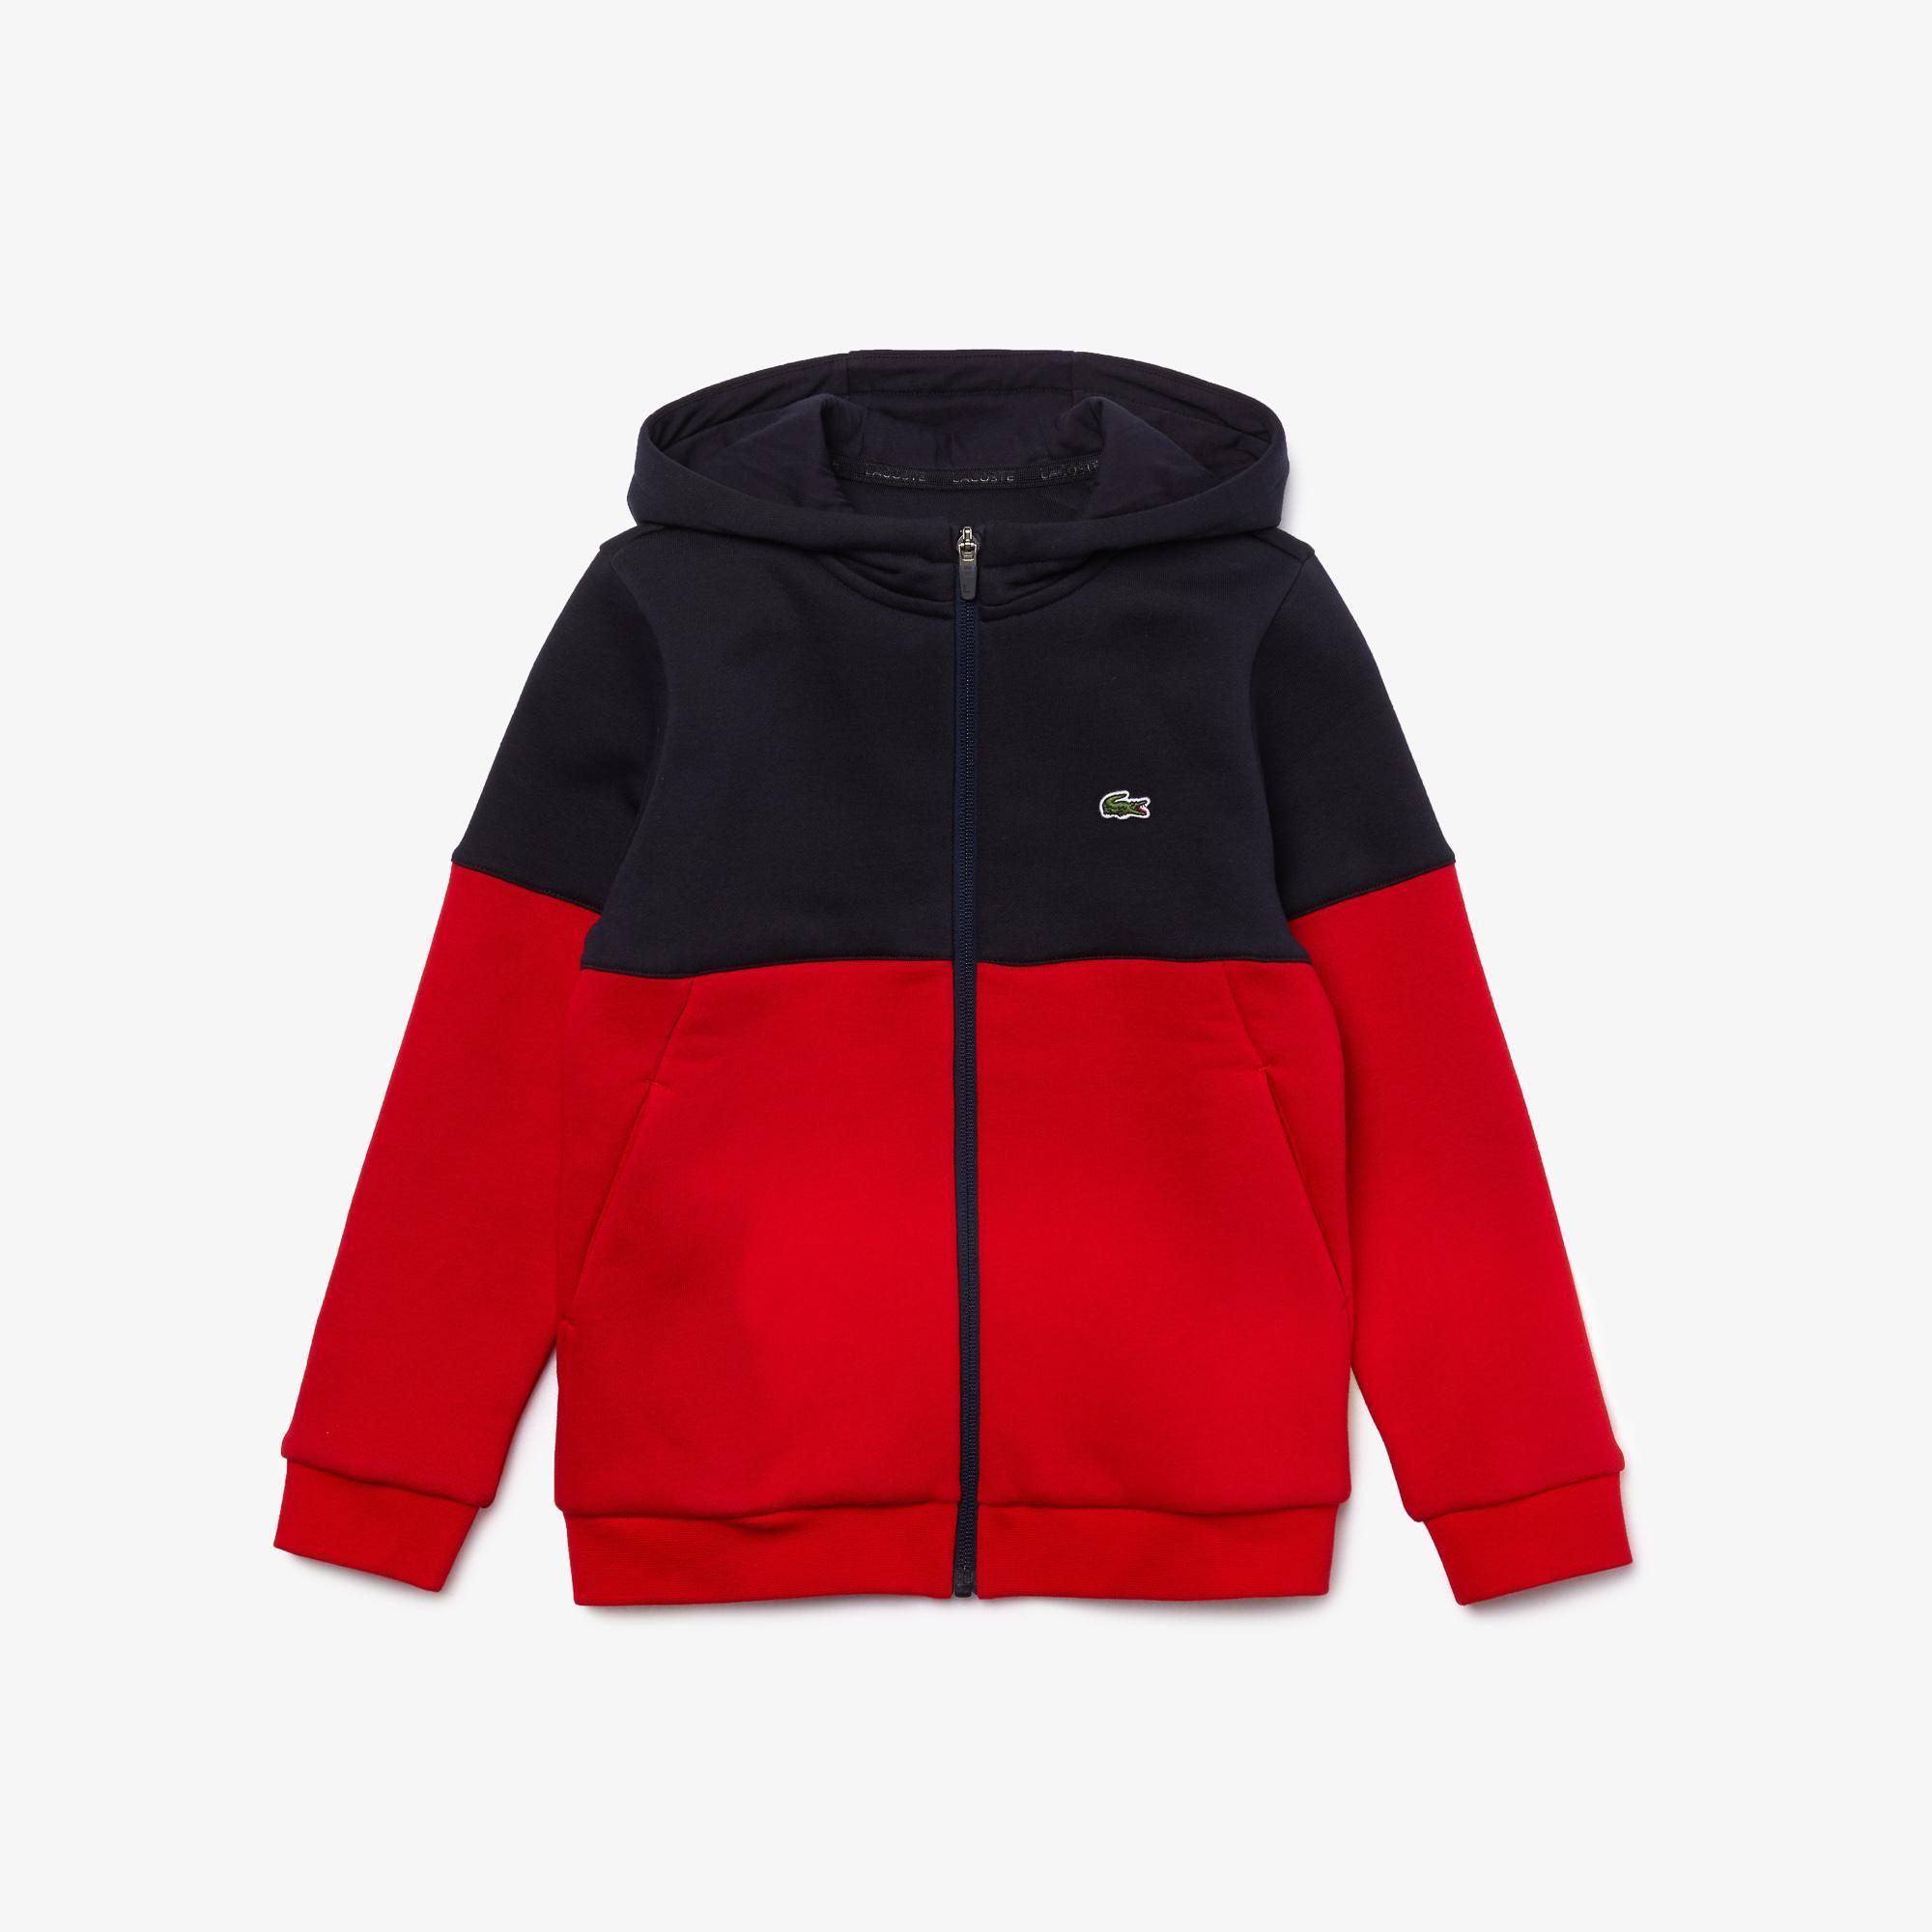 Lacoste Sport Çocuk Blok Desenli Fermuarlı Lacivert - Kırmızı Sweatshirt